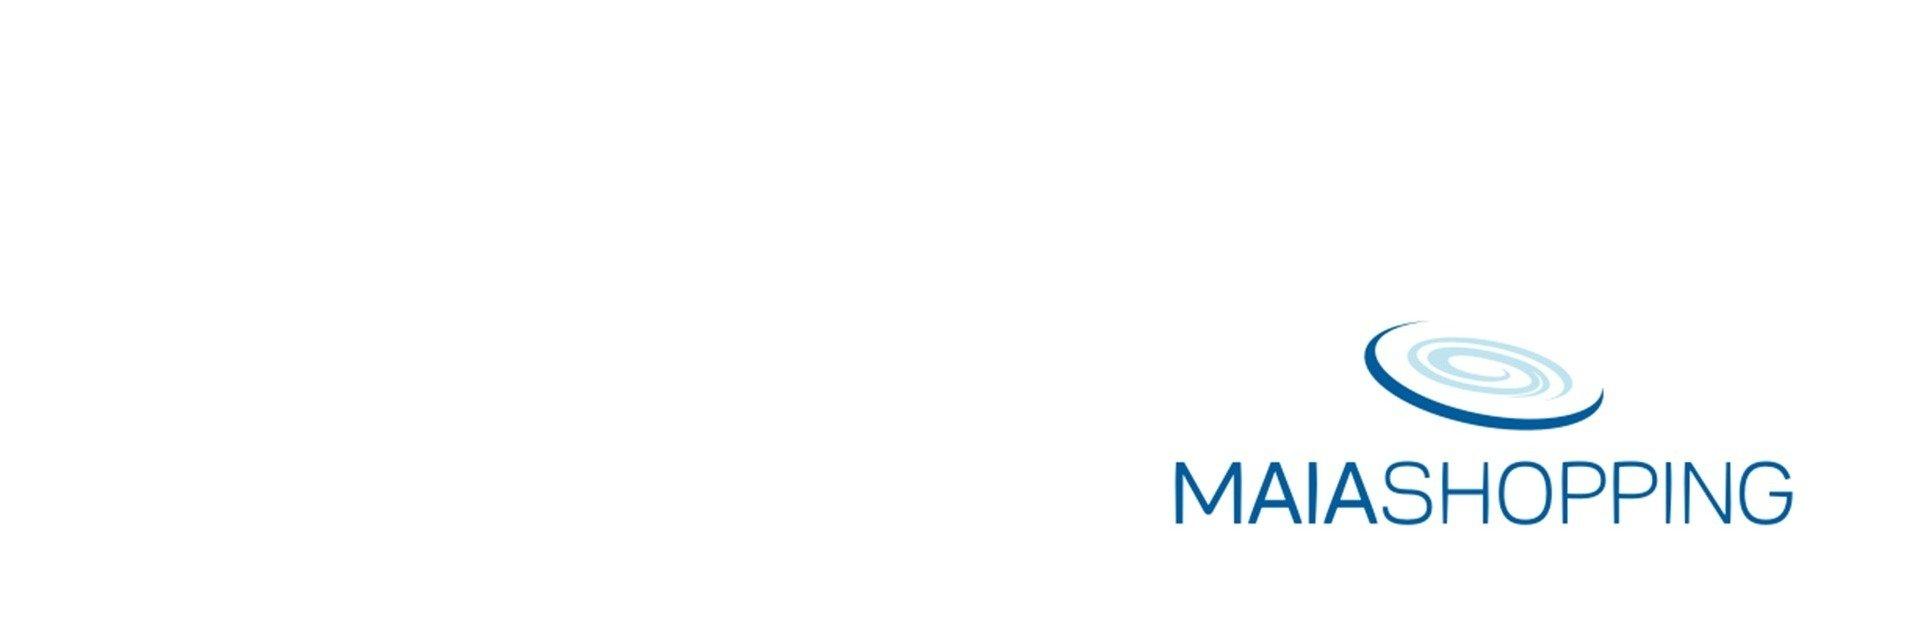 MaiaShopping junta-se aos seus visitantes para entregar mais 3 mil refeições à Rede de Emergência Alimentar